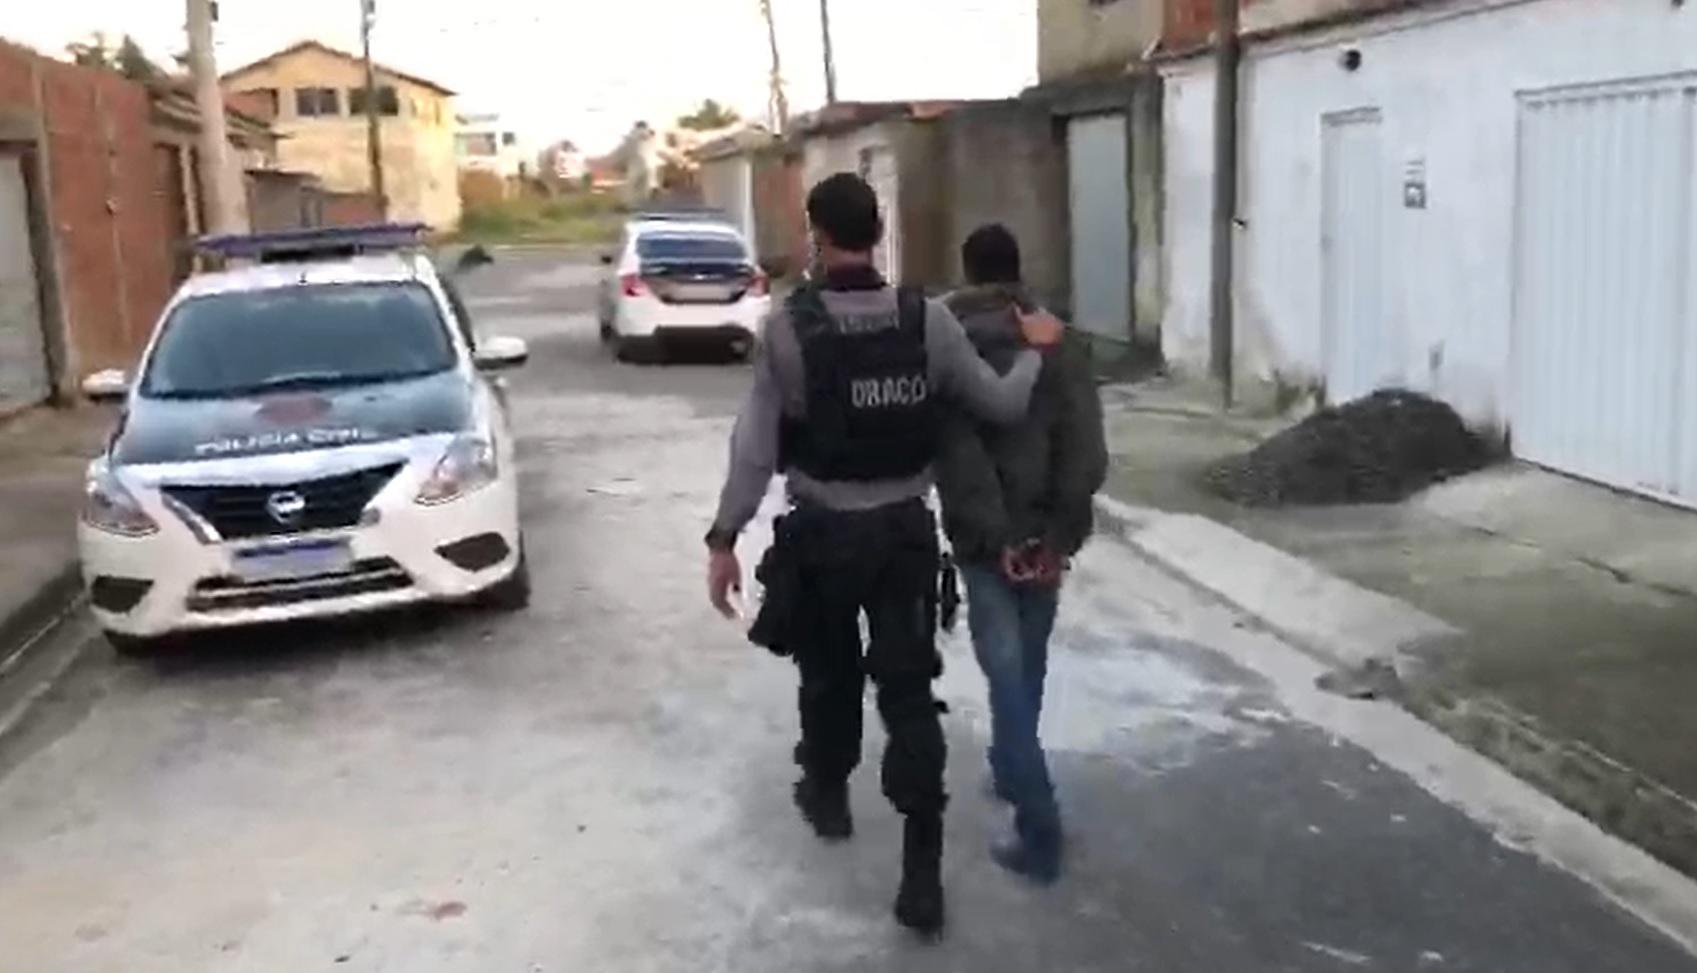 Policiais cumprem mandados de prisão em operação contra milícias